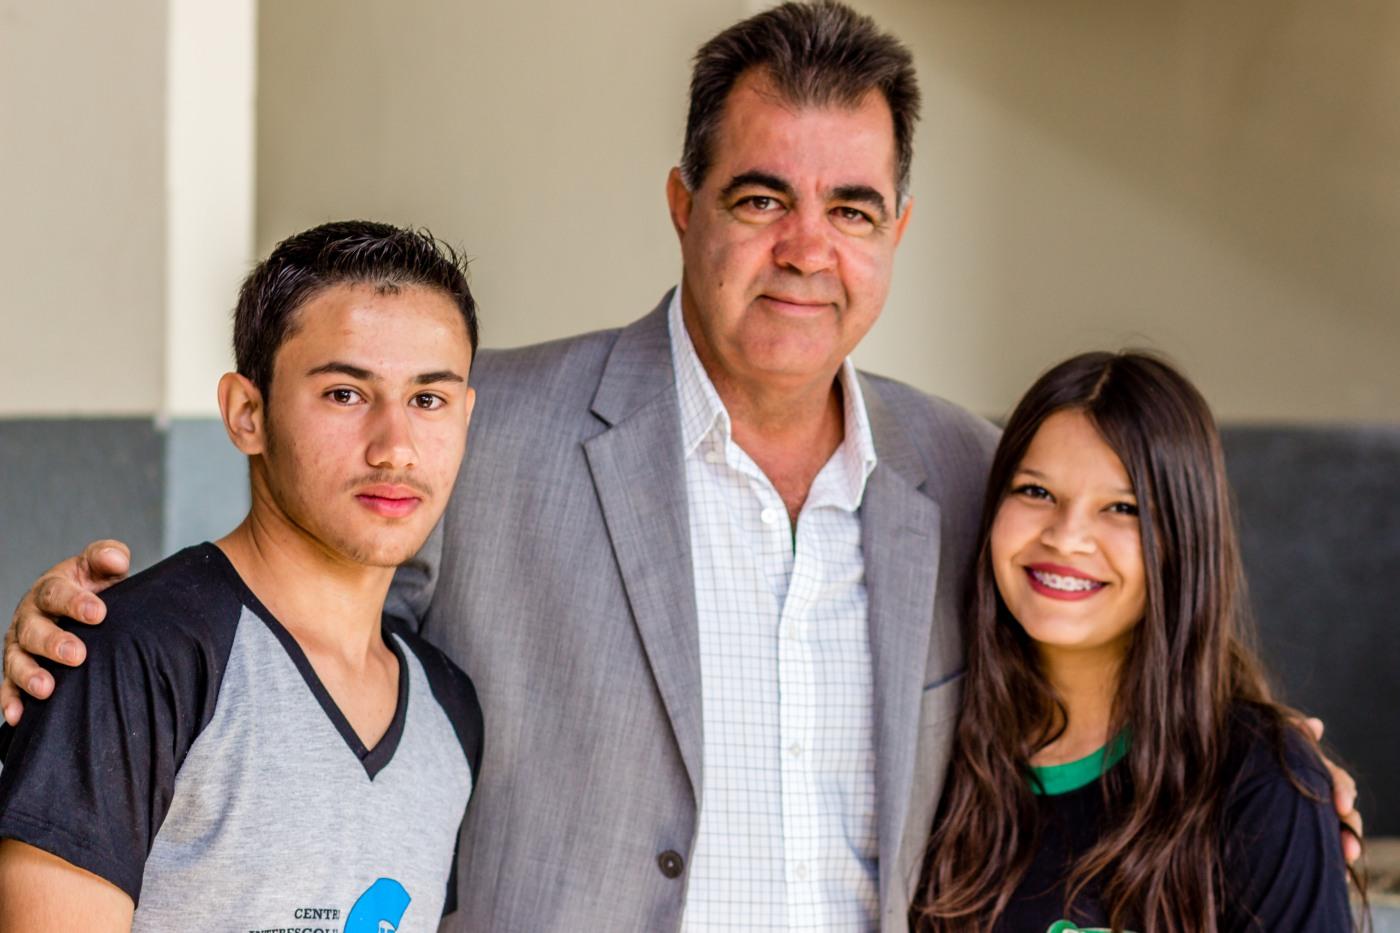 Os alunos Rafael e Jennifer do CILCO, sendo recepcionados pelo Prefeito Fábio Correa (Foto: André Brito)